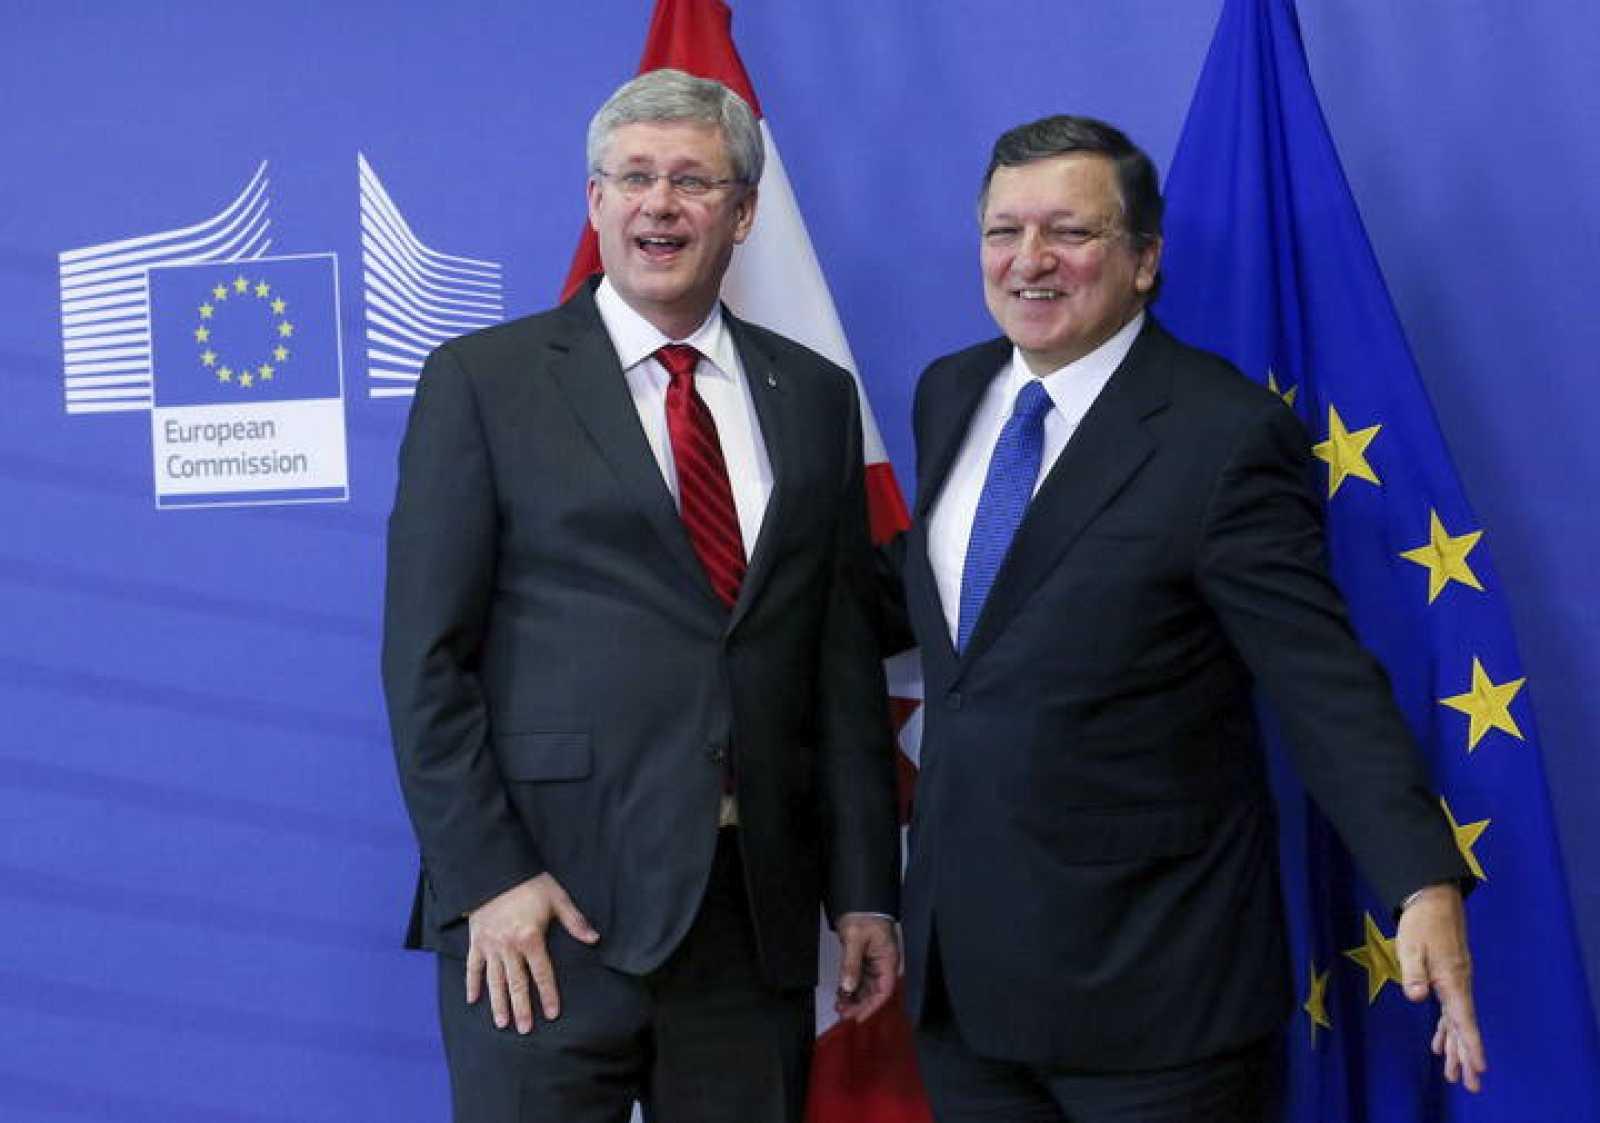 EL PRIMER MINISTRO CANADIENSE VISITA BRUSELAS